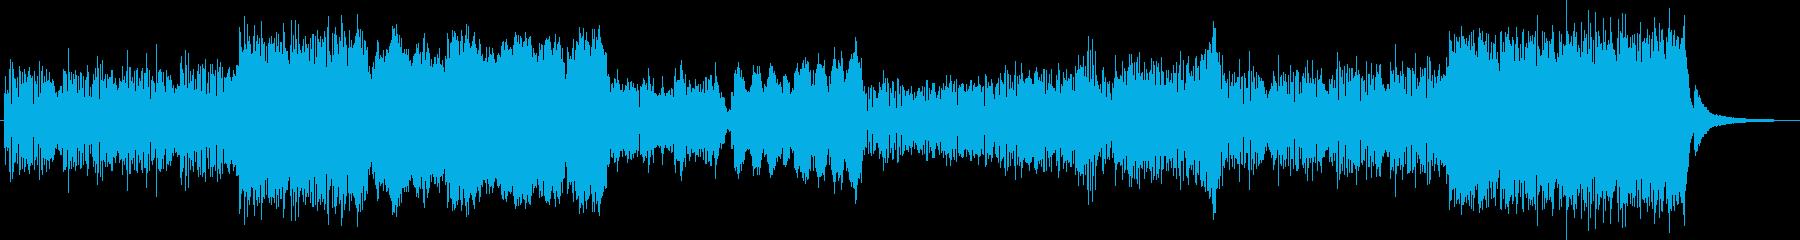 感動的で壮大なピアノバイオリンサウンドの再生済みの波形